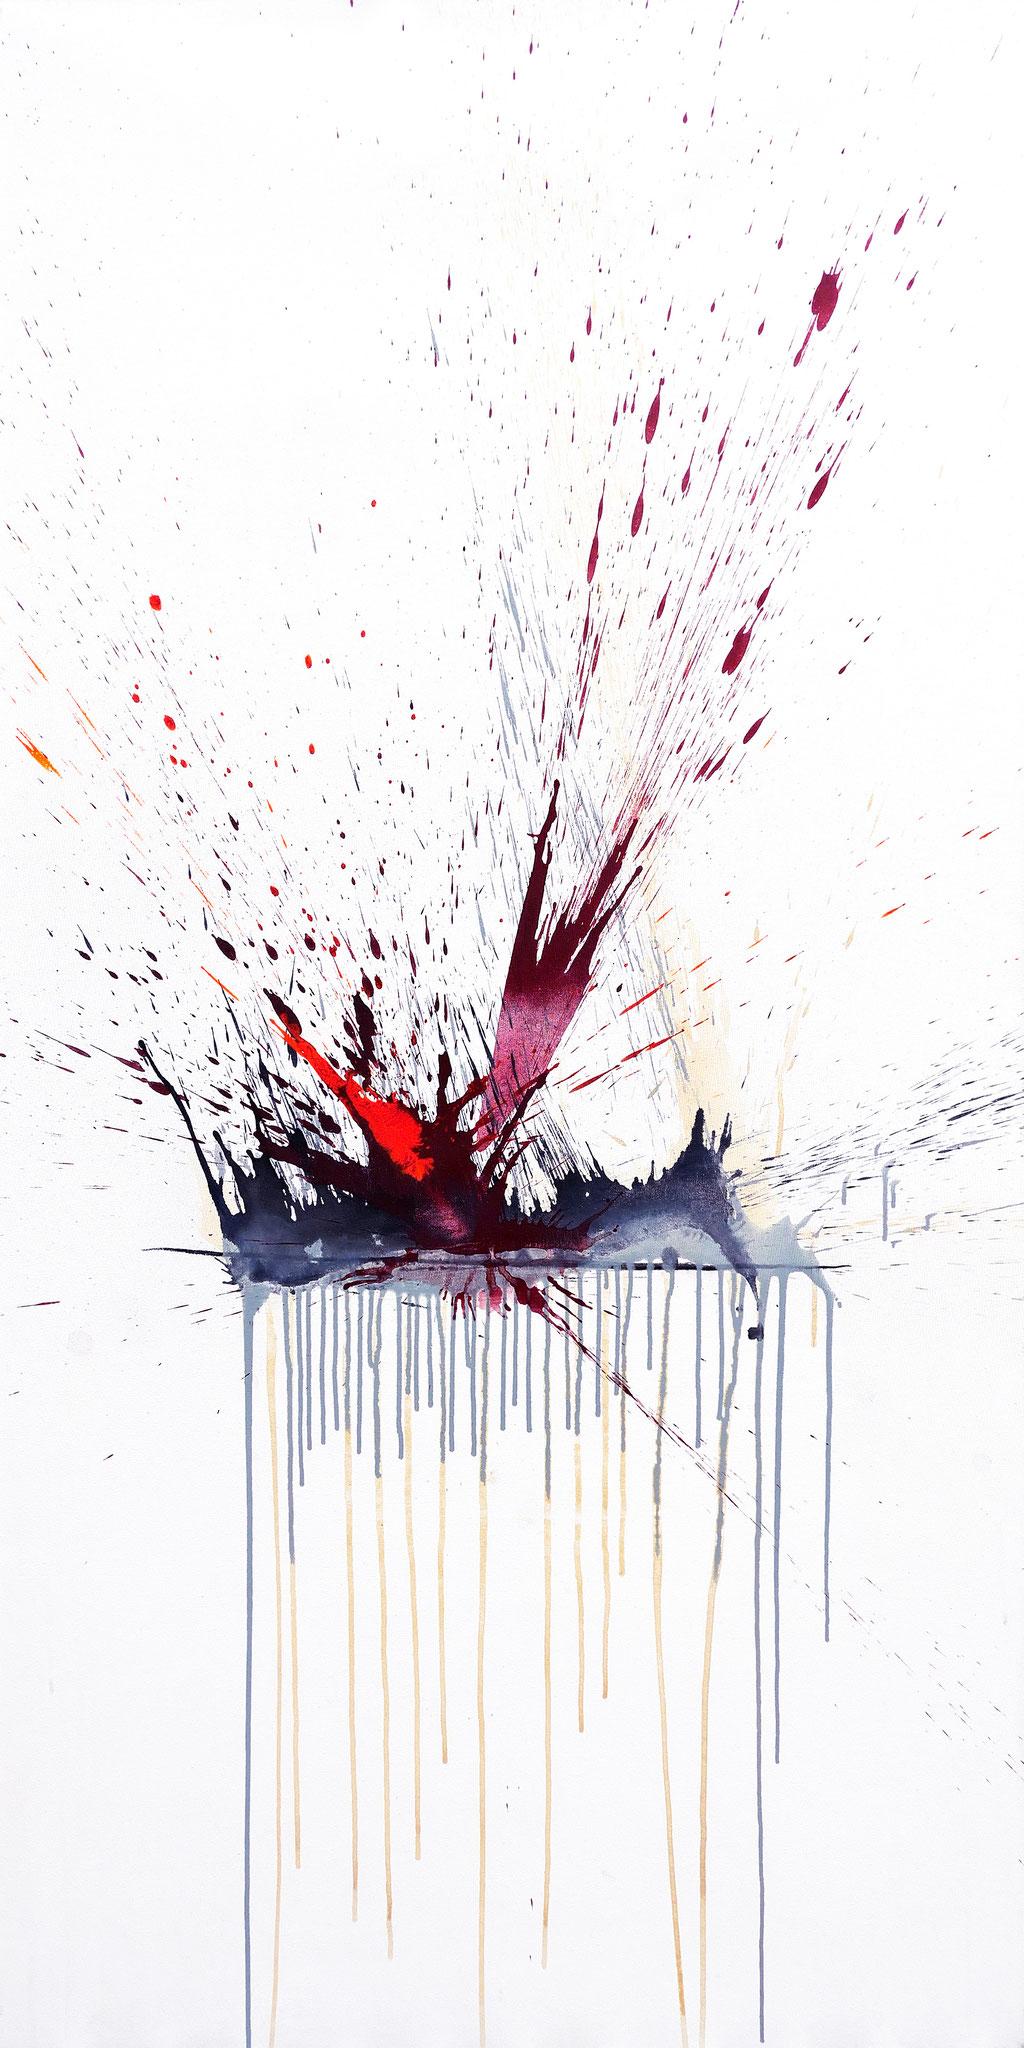 ESKALATION  Mischtechnik auf Leinwand  200x100 cm  2014